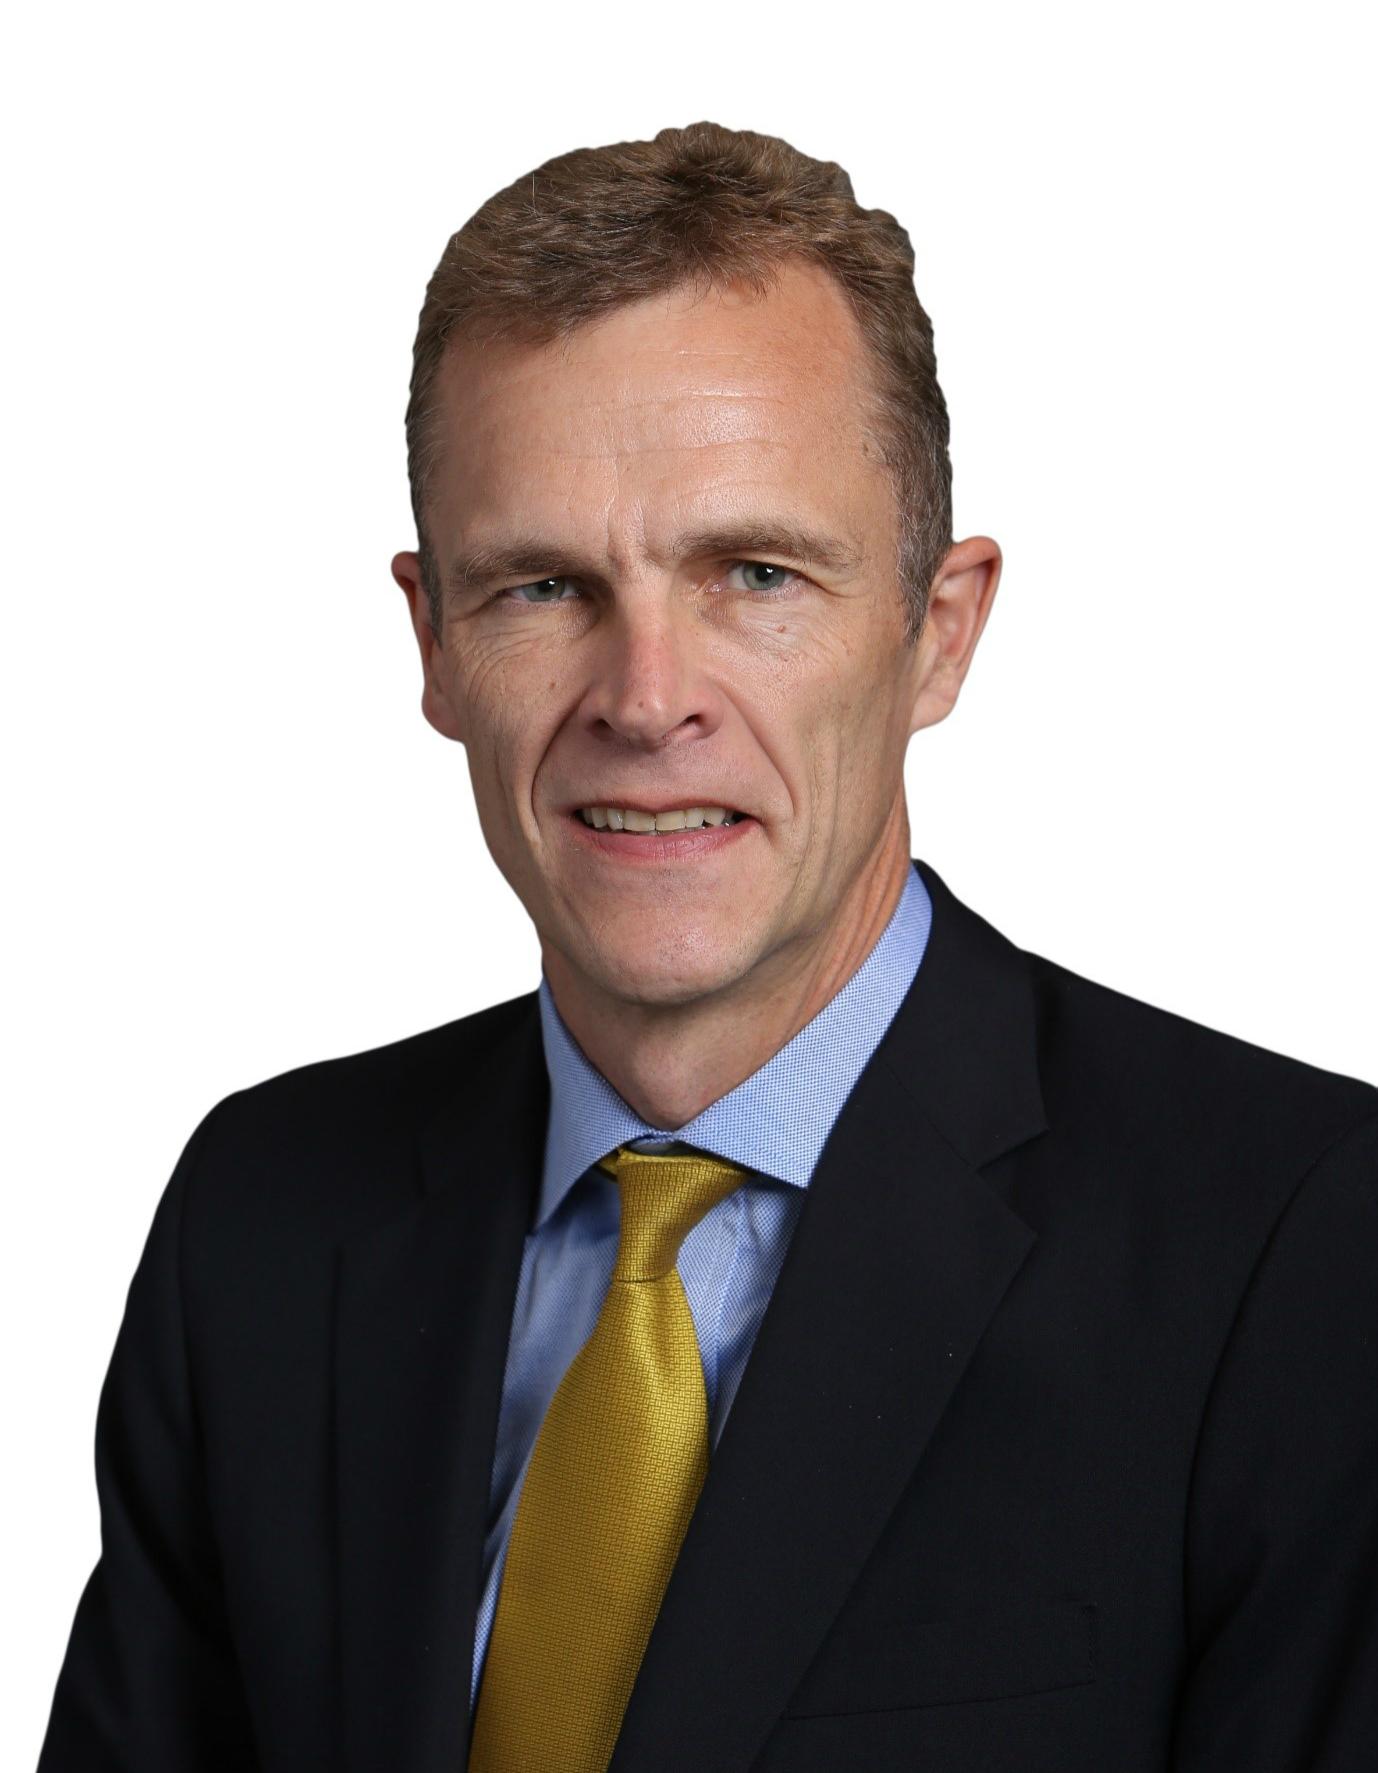 David Mallinson